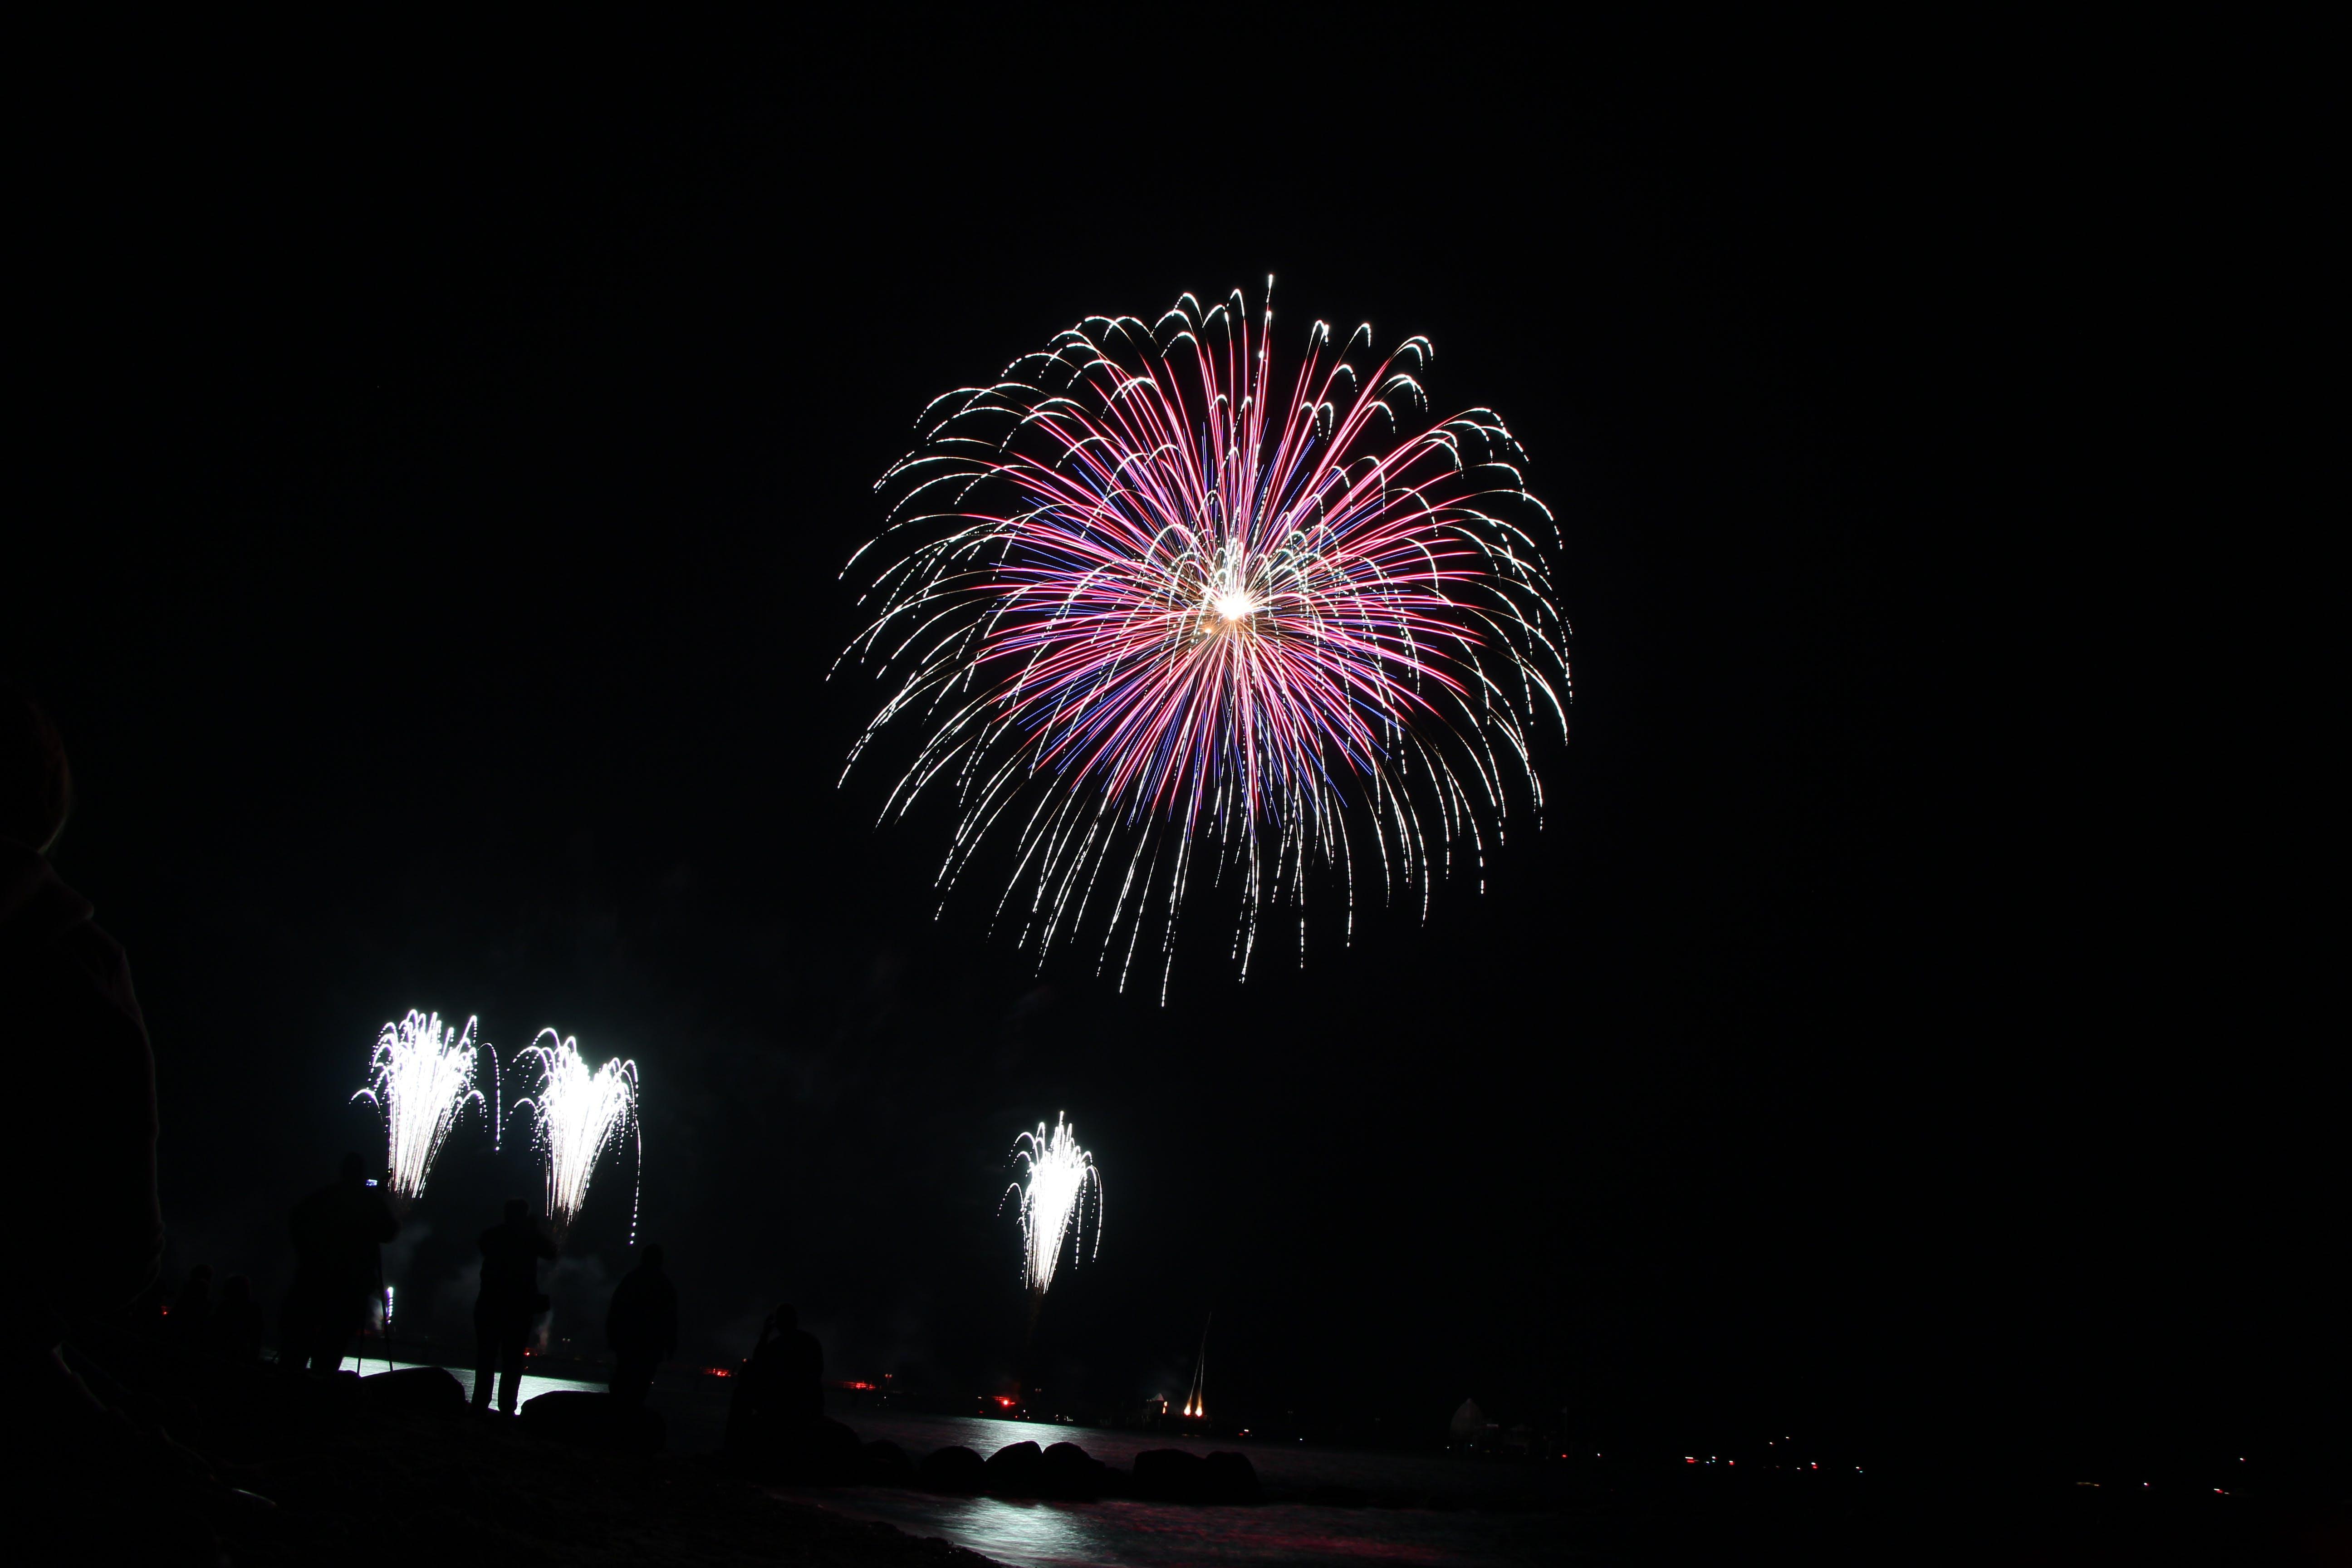 Kostenloses Stock Foto zu feier, festival, feuerwerk, neujahr